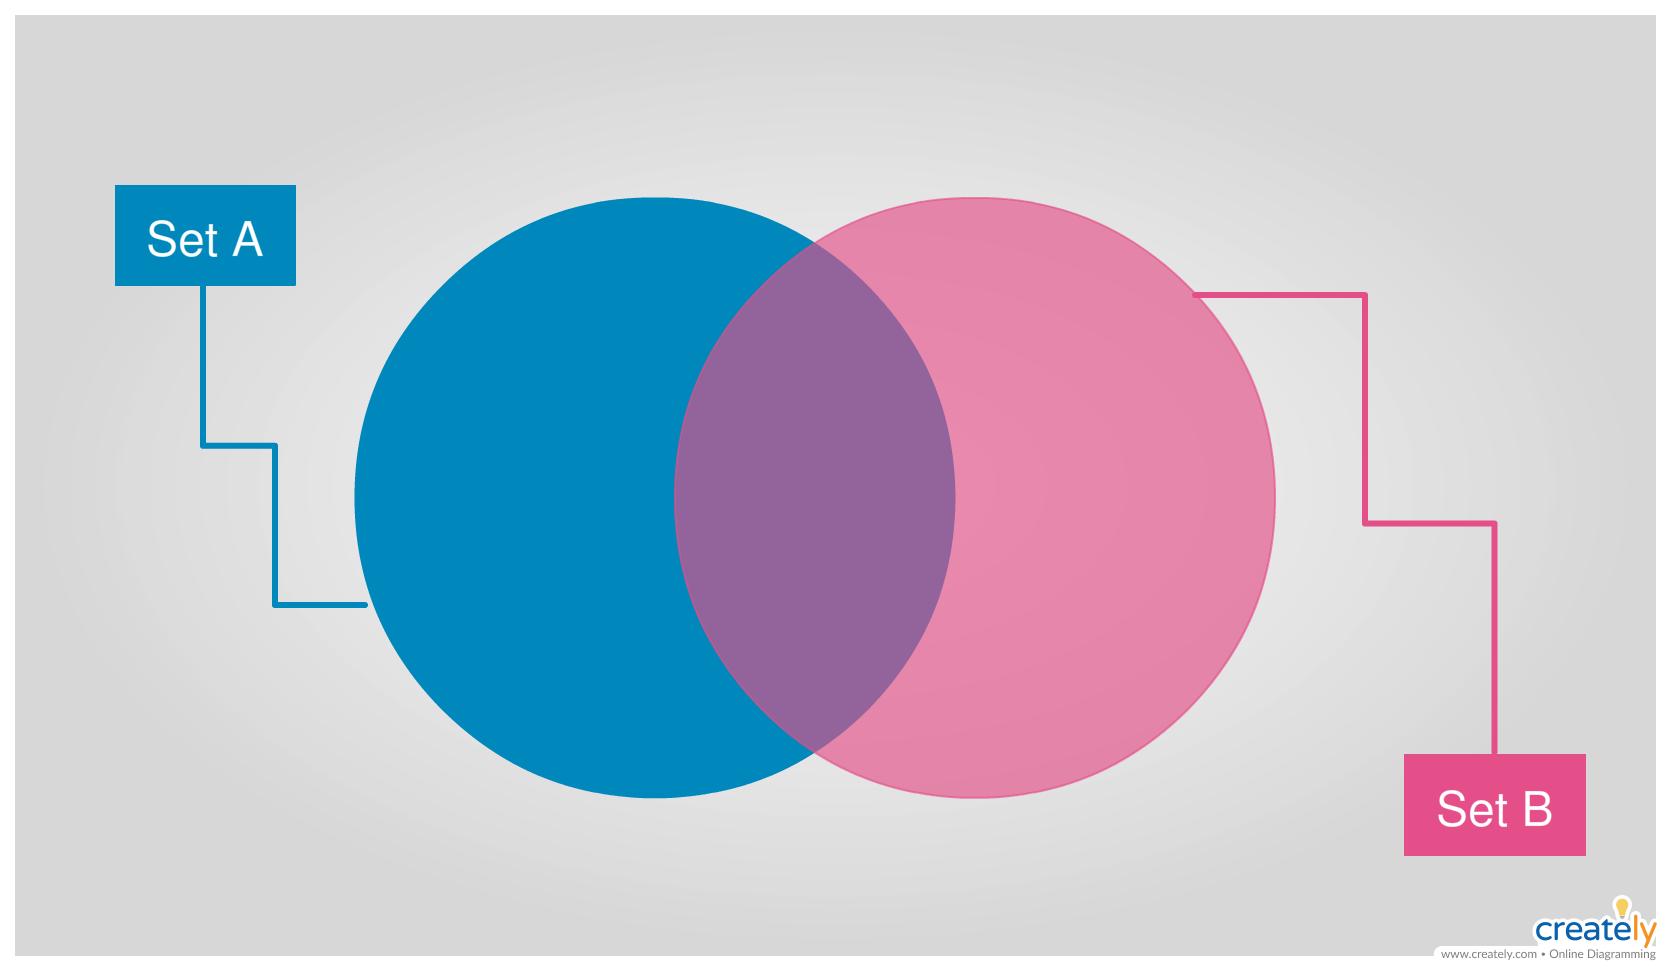 plantilla de diagrama de venn en blanco para empezar rapidamente con los juegos llene esta [ 1670 x 970 Pixel ]